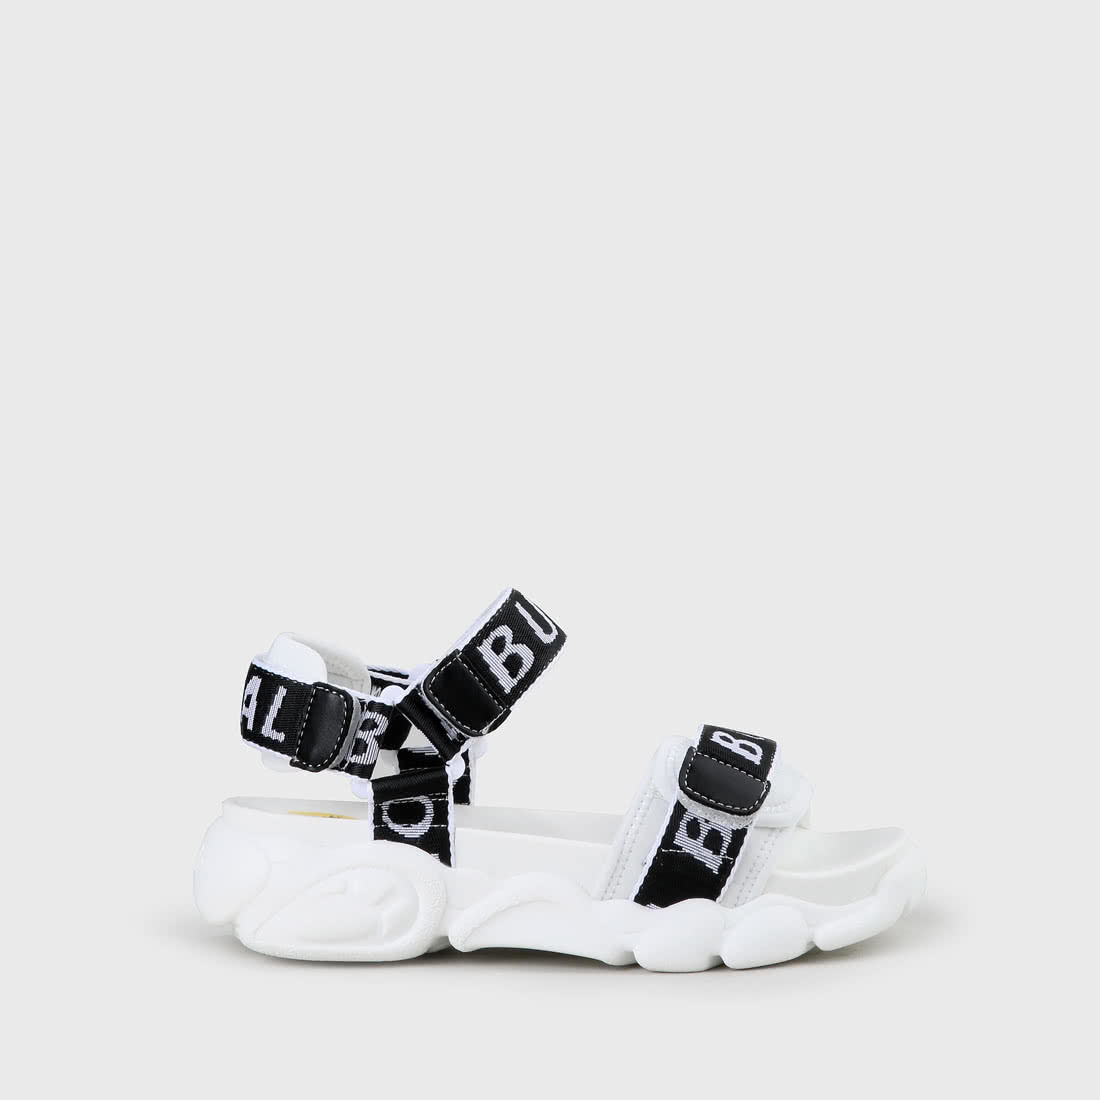 d02f1a92c16e1 Eisla sandals neoprene black/white